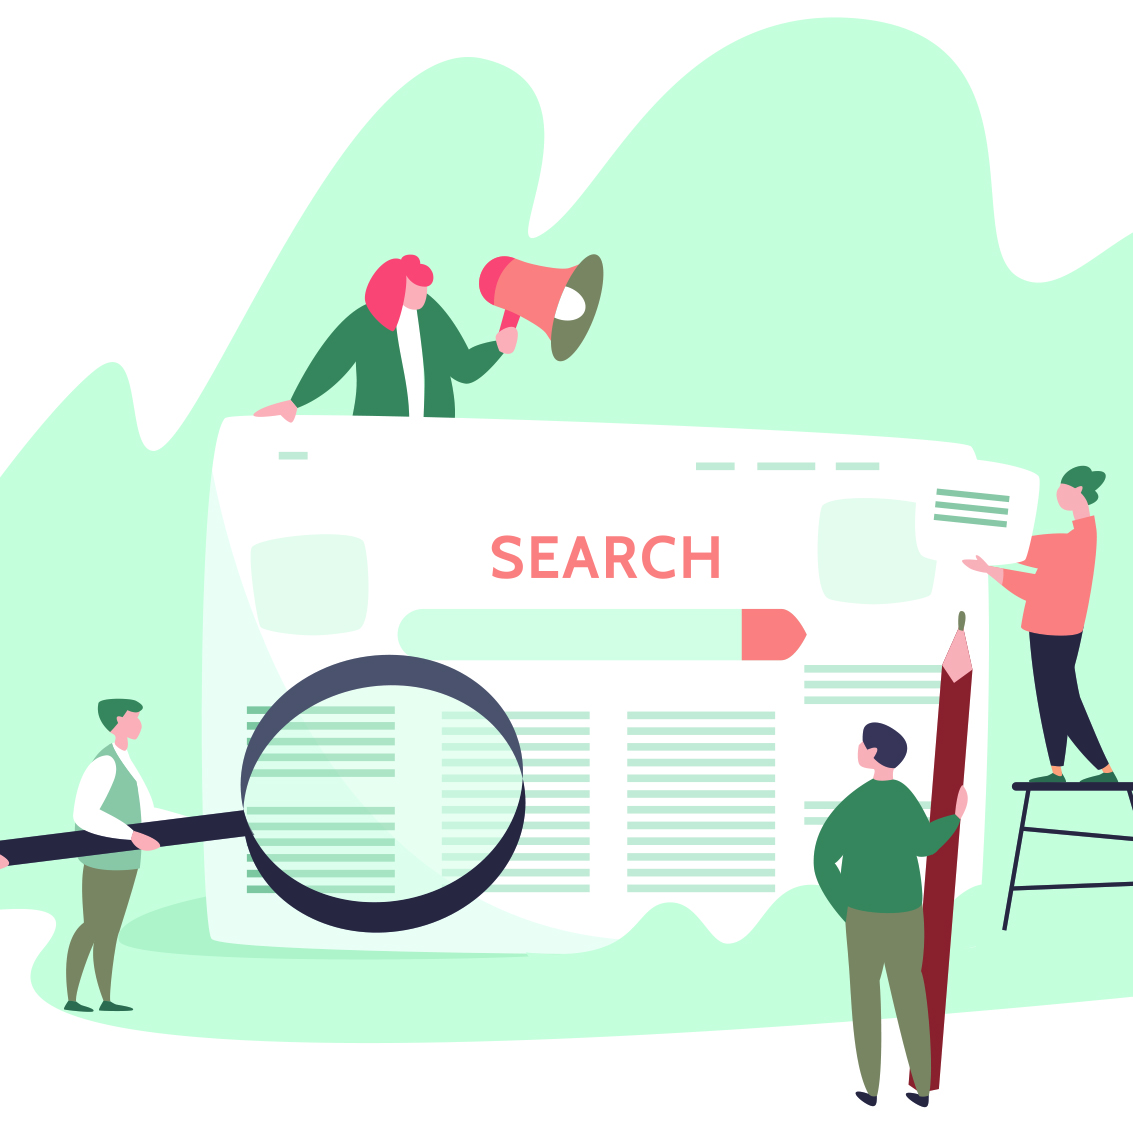 Covid search